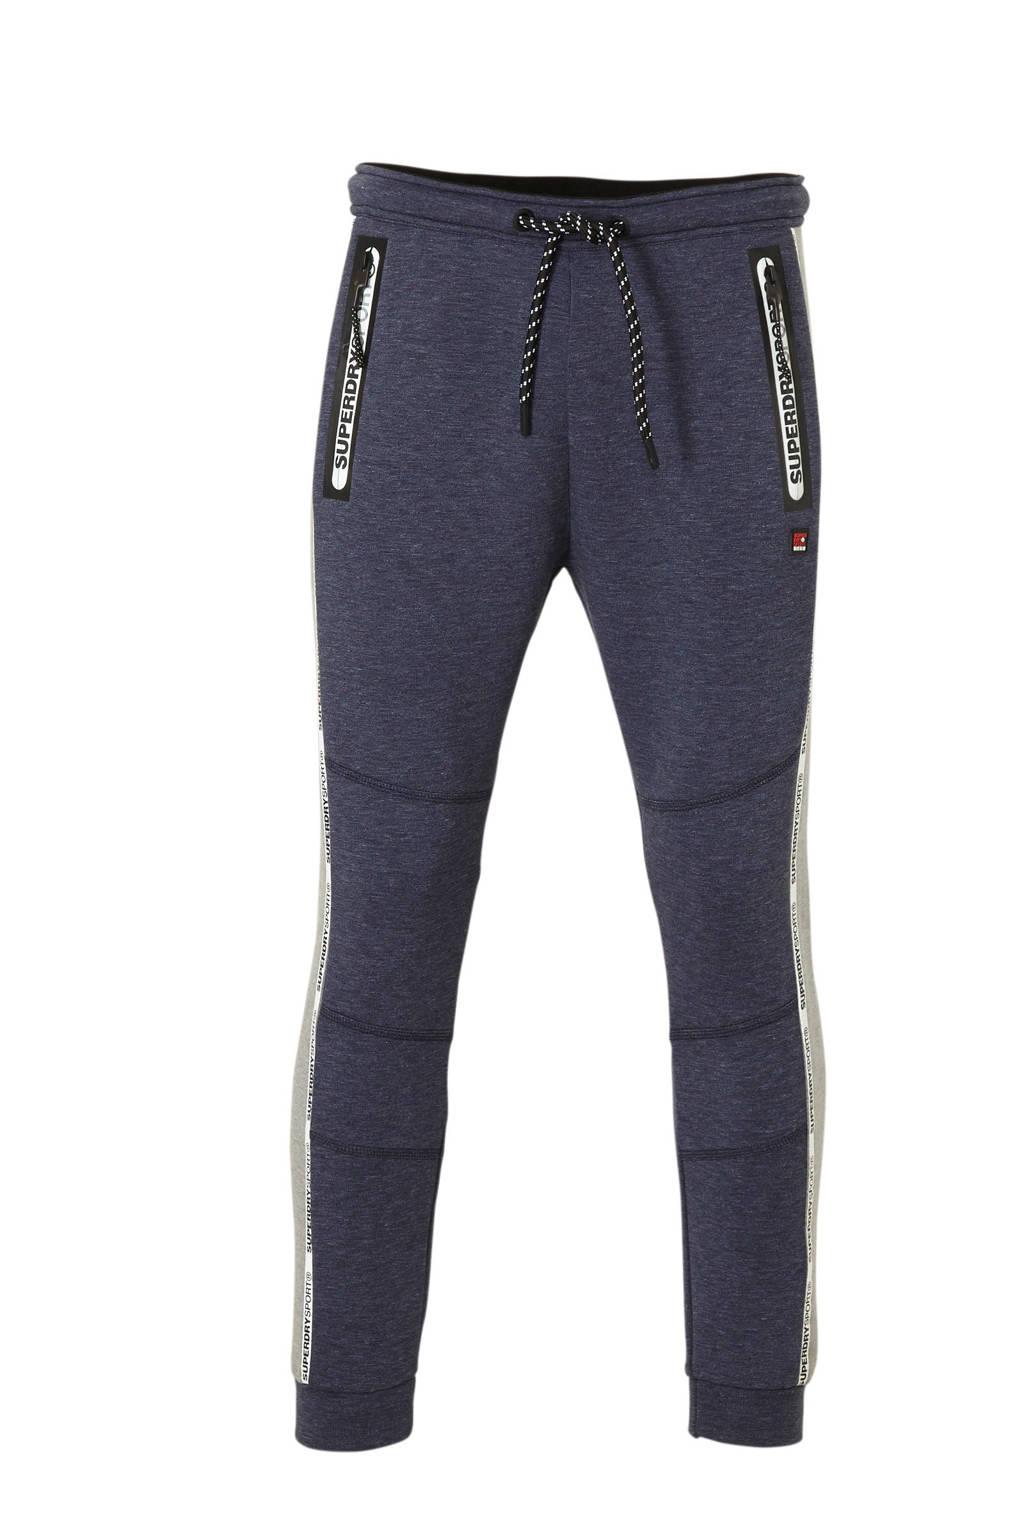 Superdry Sport   sportbroek donkerblauw/grijs, donkerblauw/grijs/rood